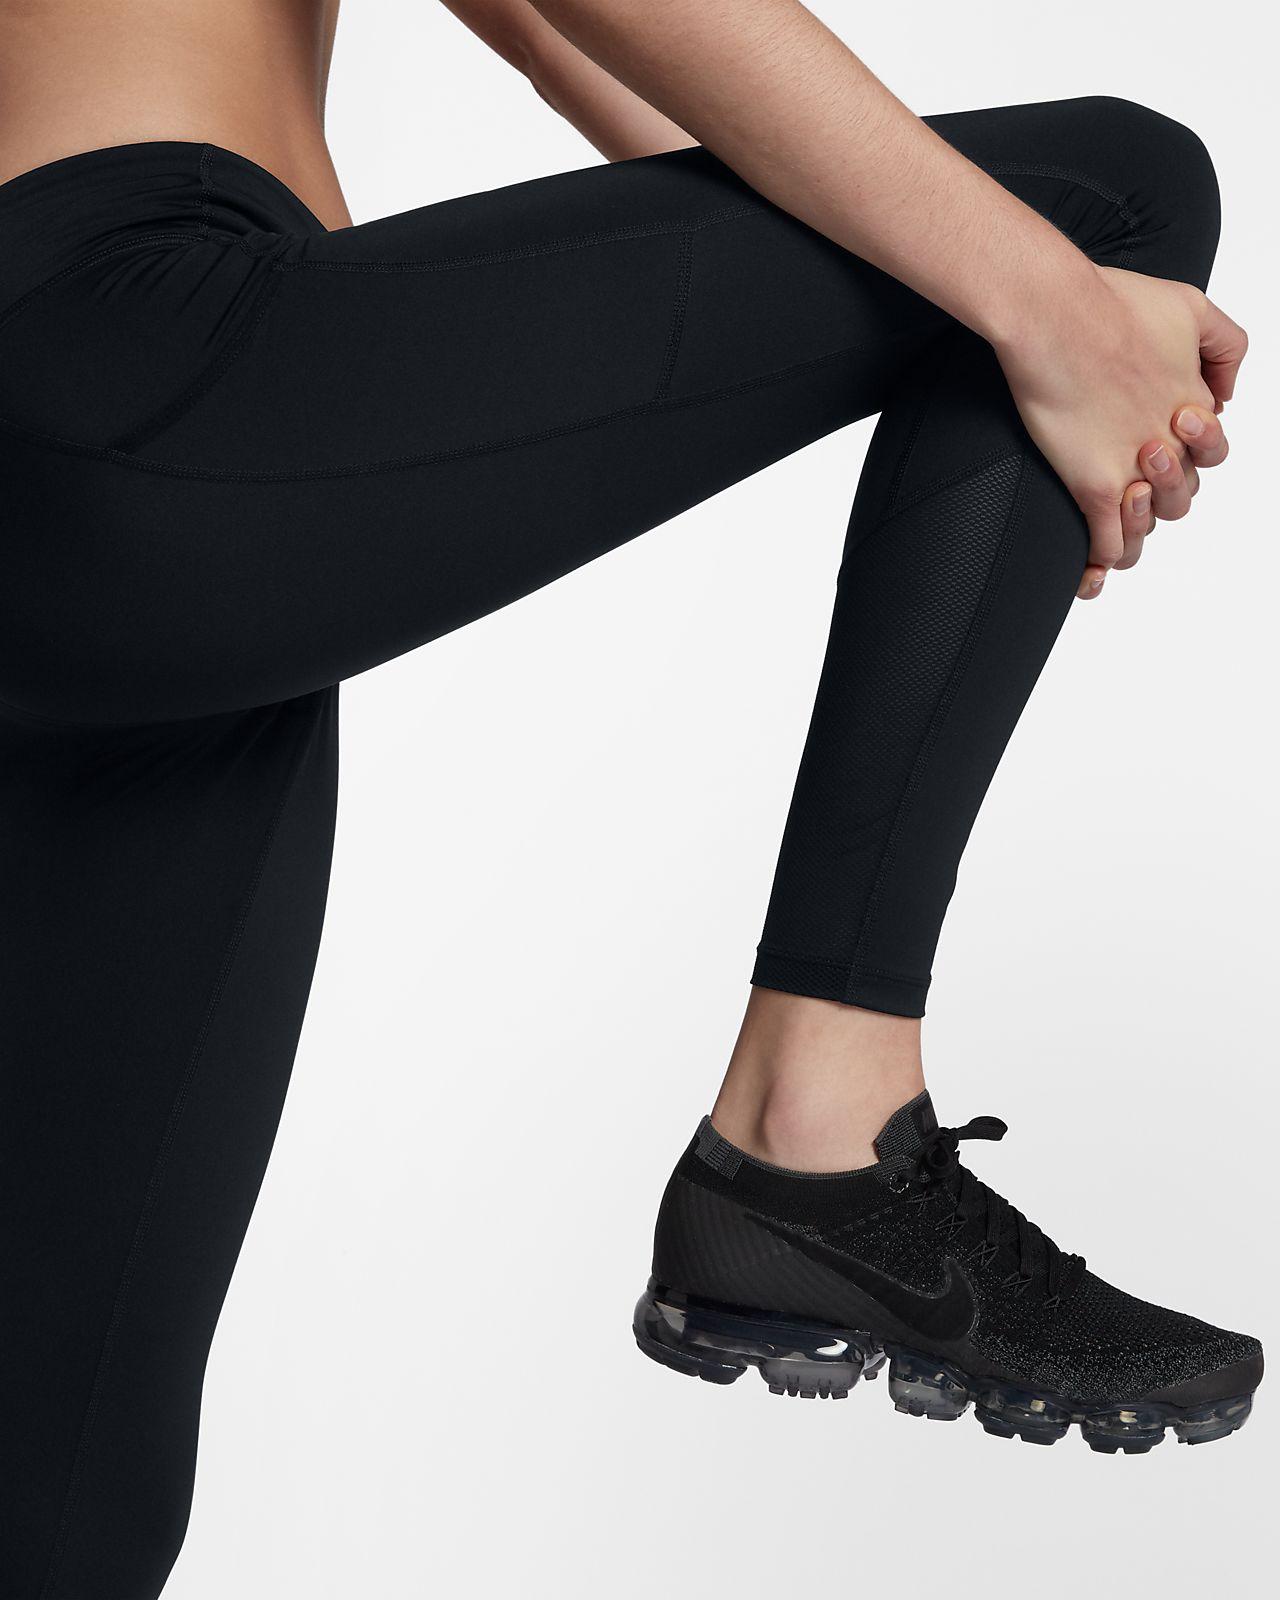 Löpartights med mellanhög midja Nike Racer för kvinnor